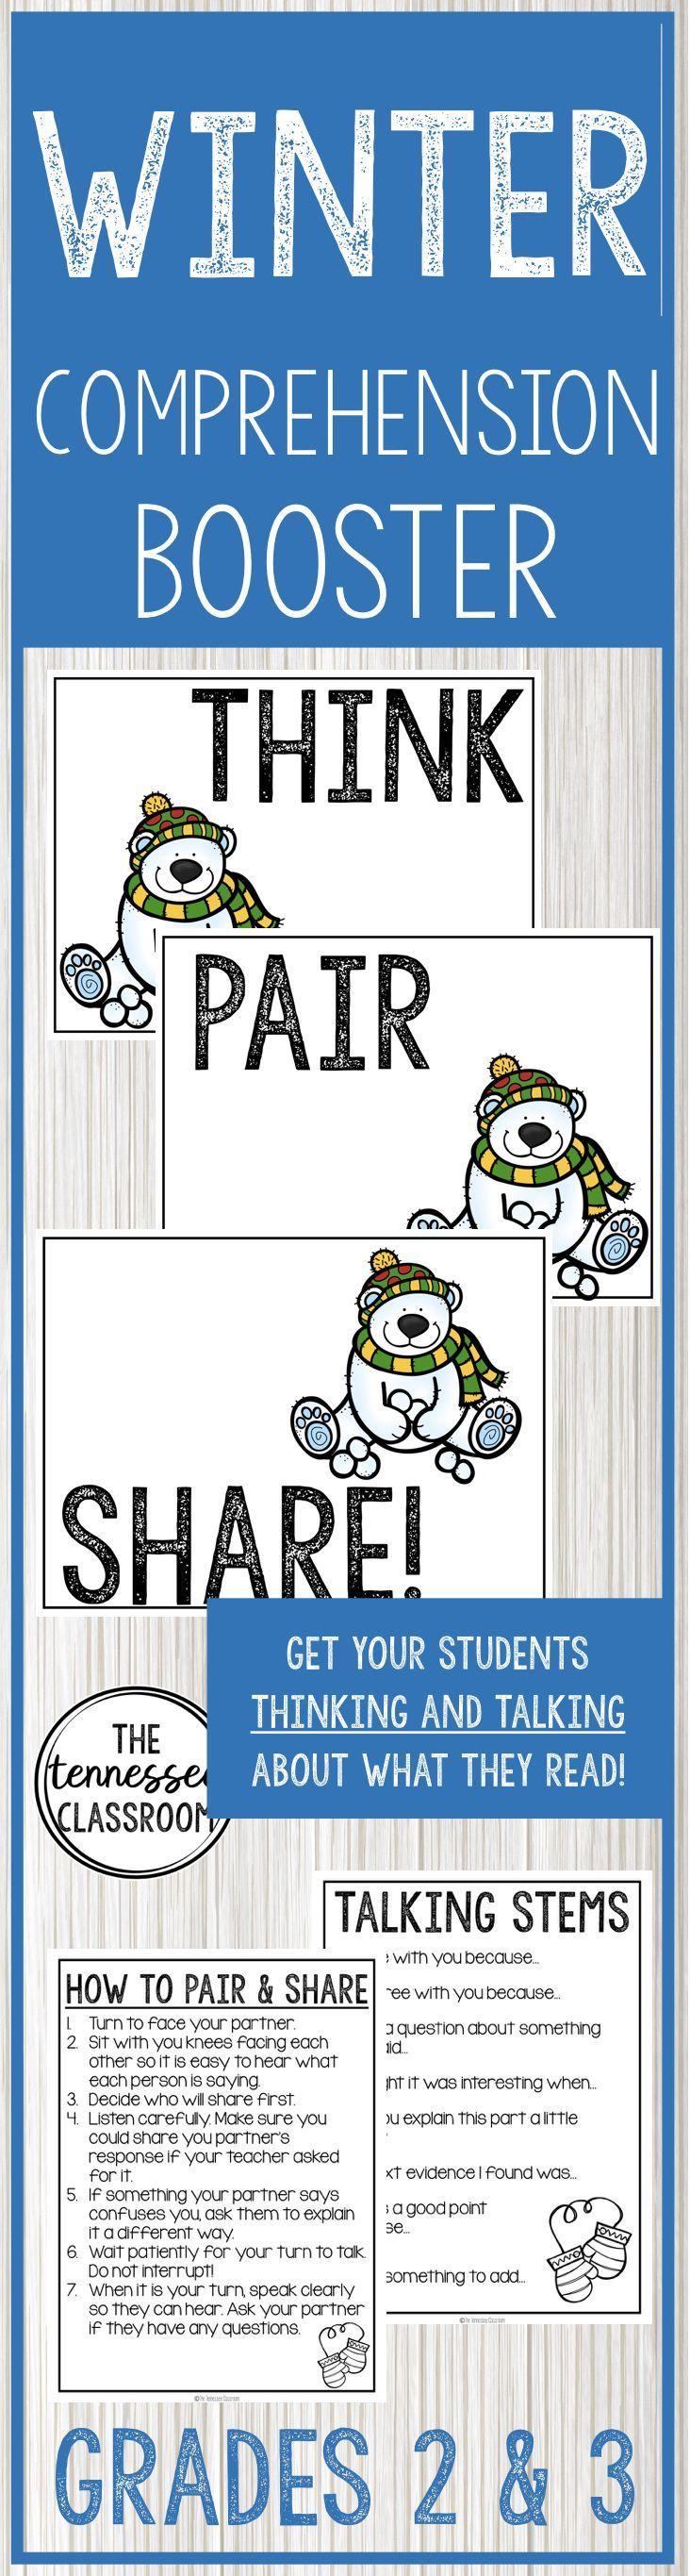 15 best Groundhog images on Pinterest | Groundhog day, 1st grade ...